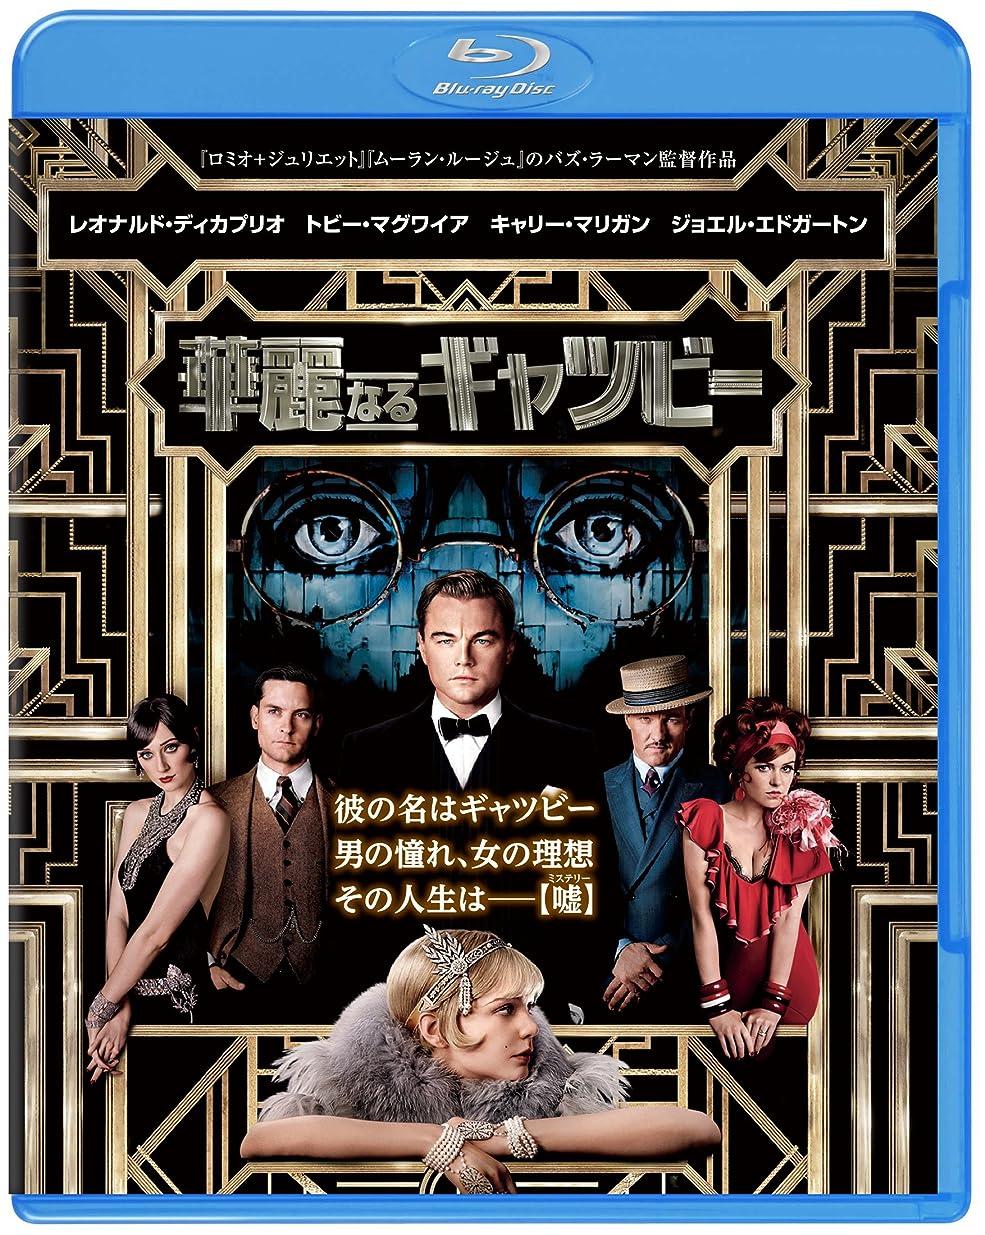 スパイラル分離旅華麗なるギャツビー [WB COLLECTION][AmazonDVDコレクション] [Blu-ray]